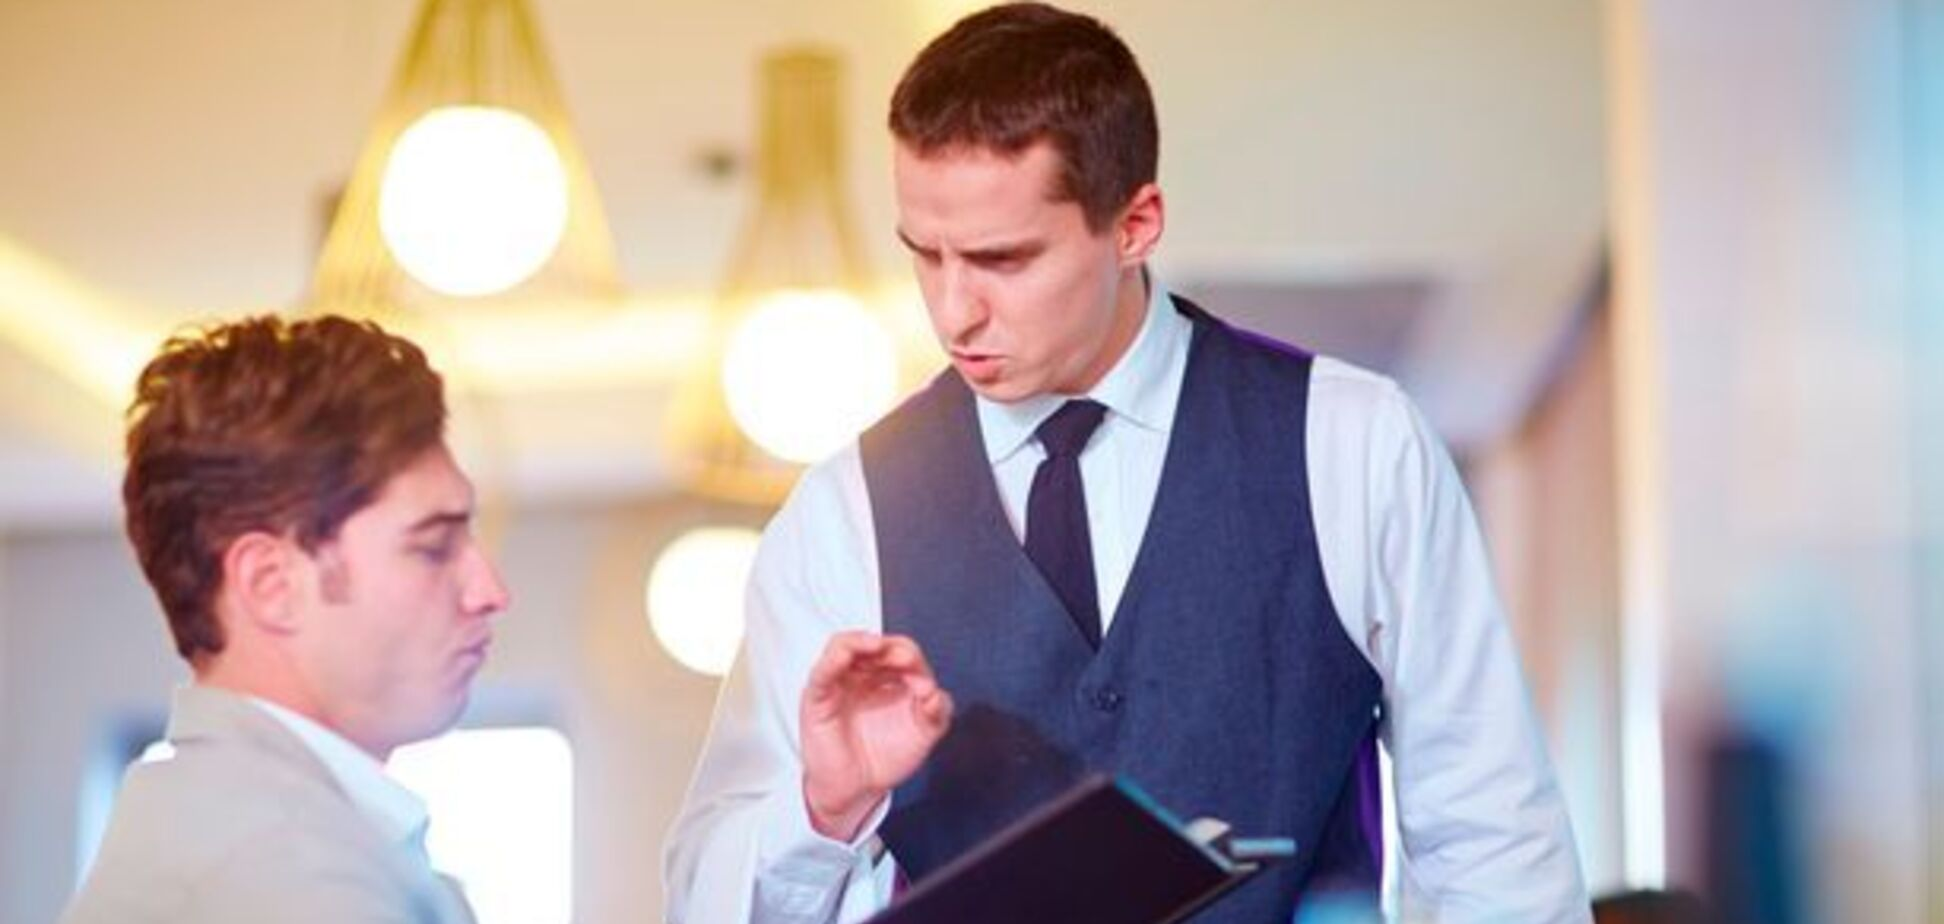 Секреты ресторанов раскрыли инсайдеры: как определить качество заведения